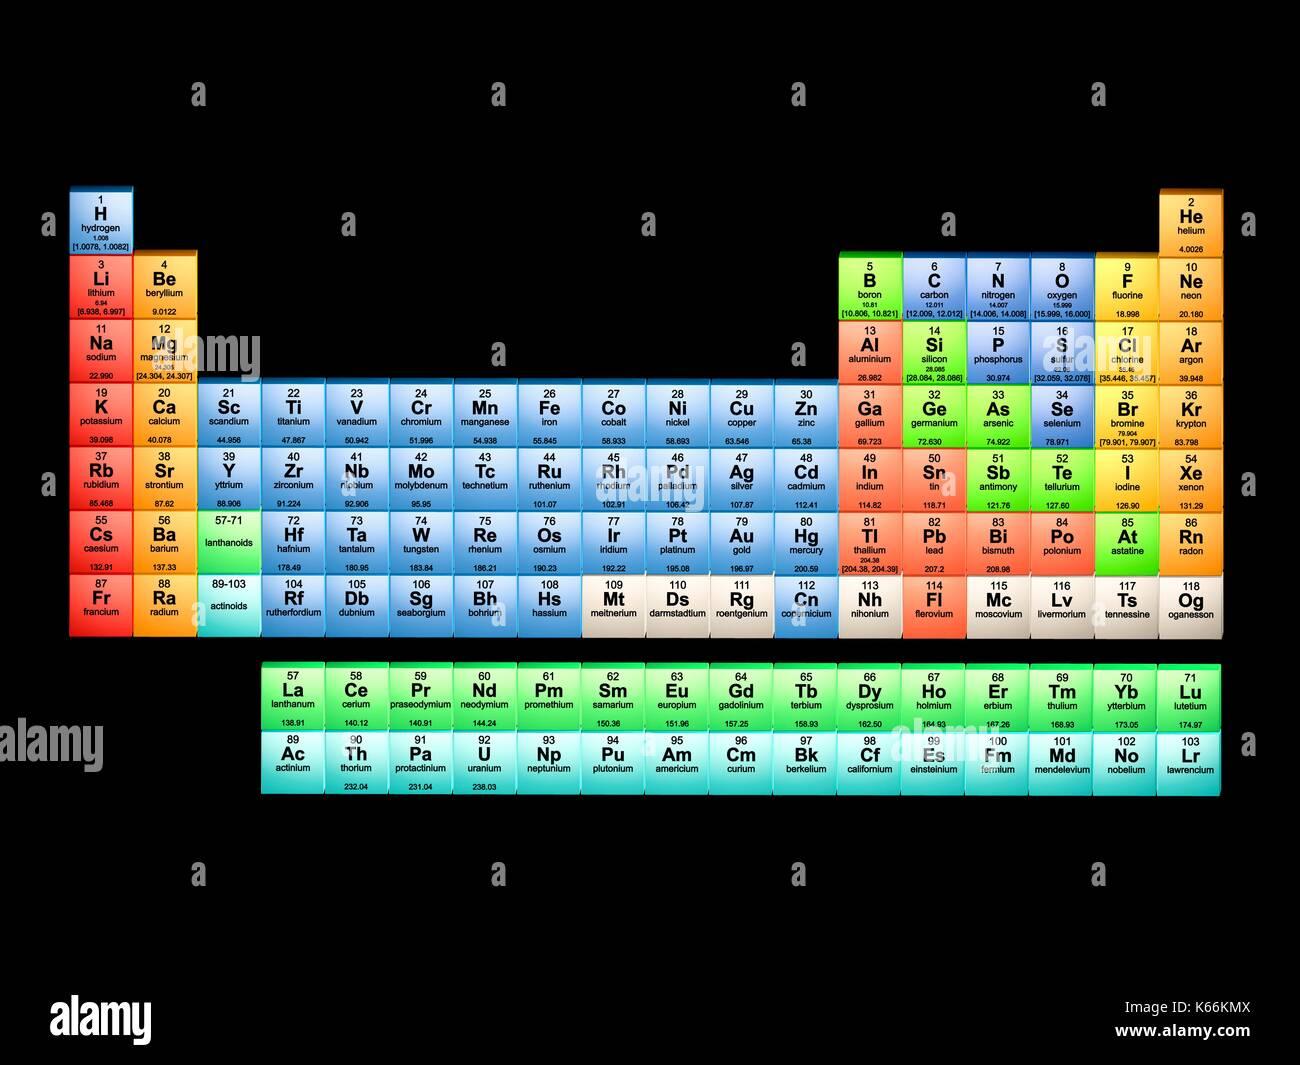 Iupac imgenes de stock iupac fotos de stock alamy tabla peridica de 18 columnas esta tabla incluye todos los 118 elementos conocidos en mayo urtaz Gallery